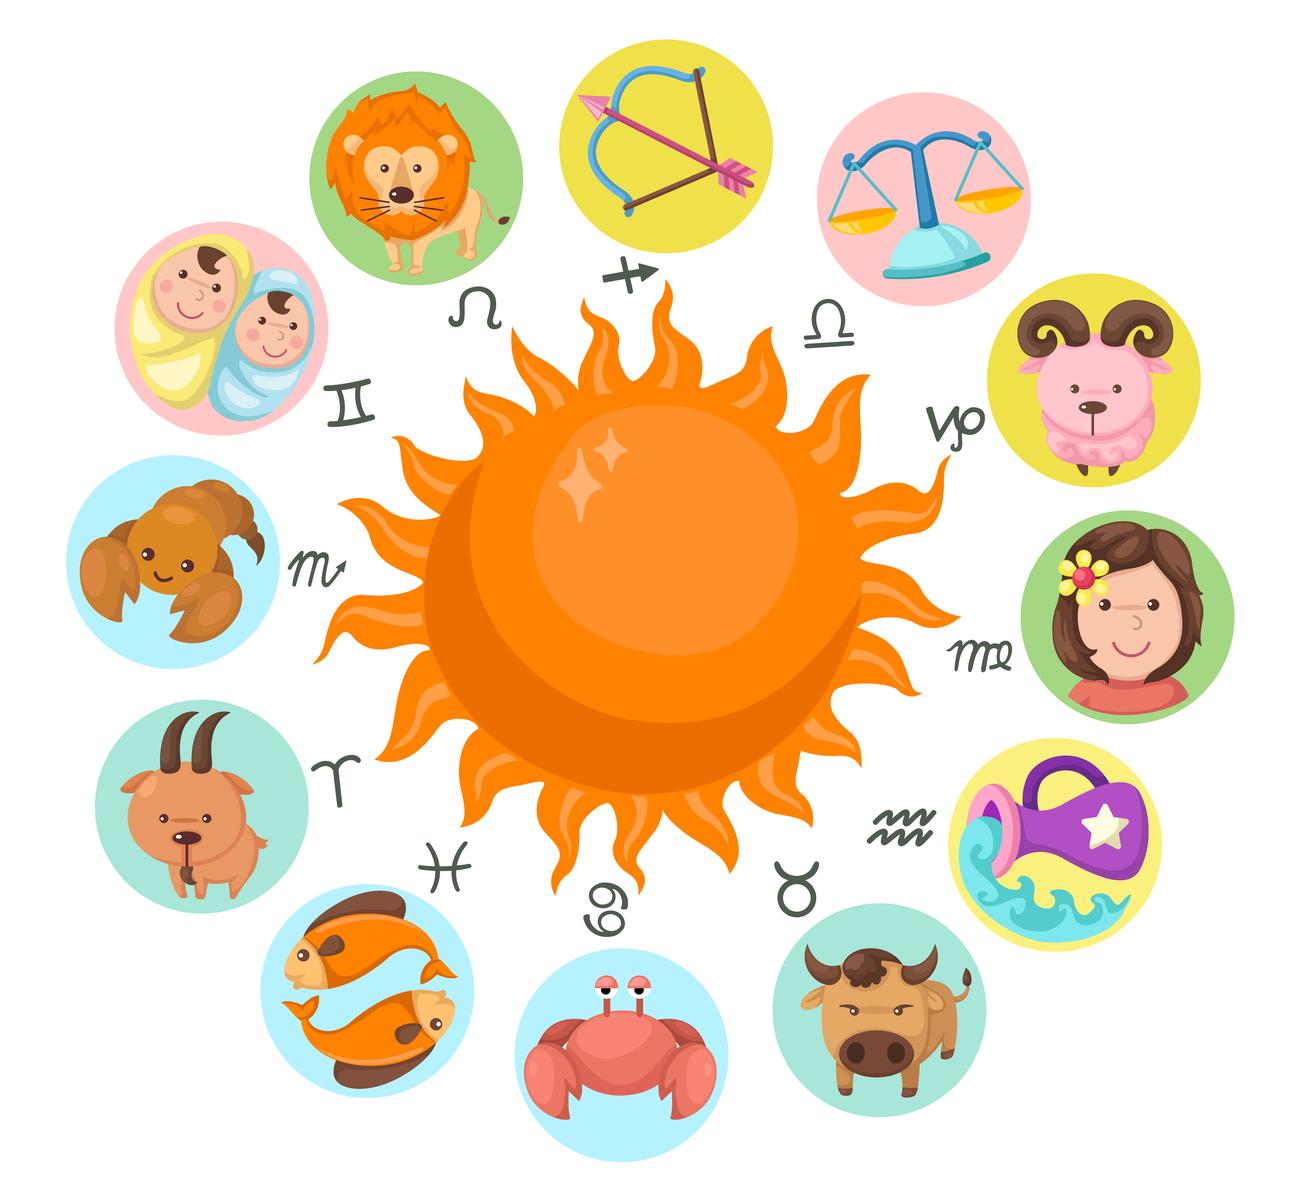 Características do signo do meu filho